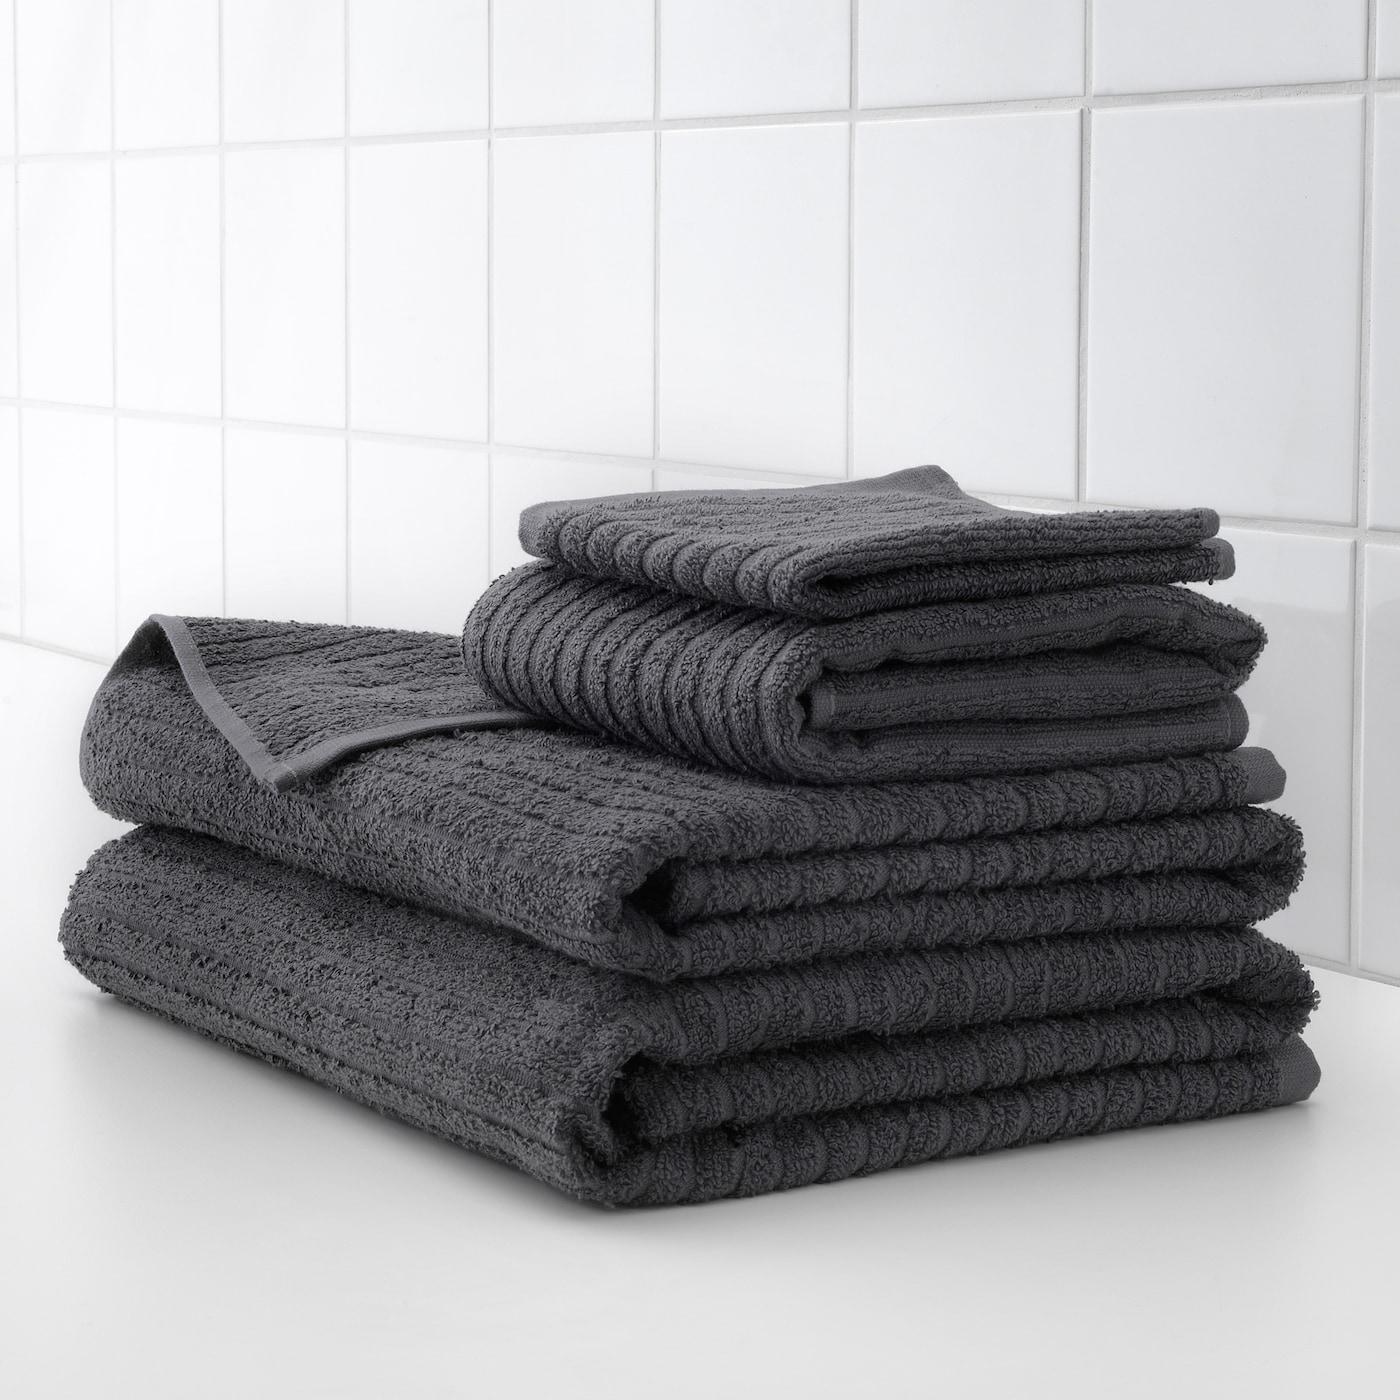 VÅGSJÖN Toalla de baño - gris oscuro 70x140 cm